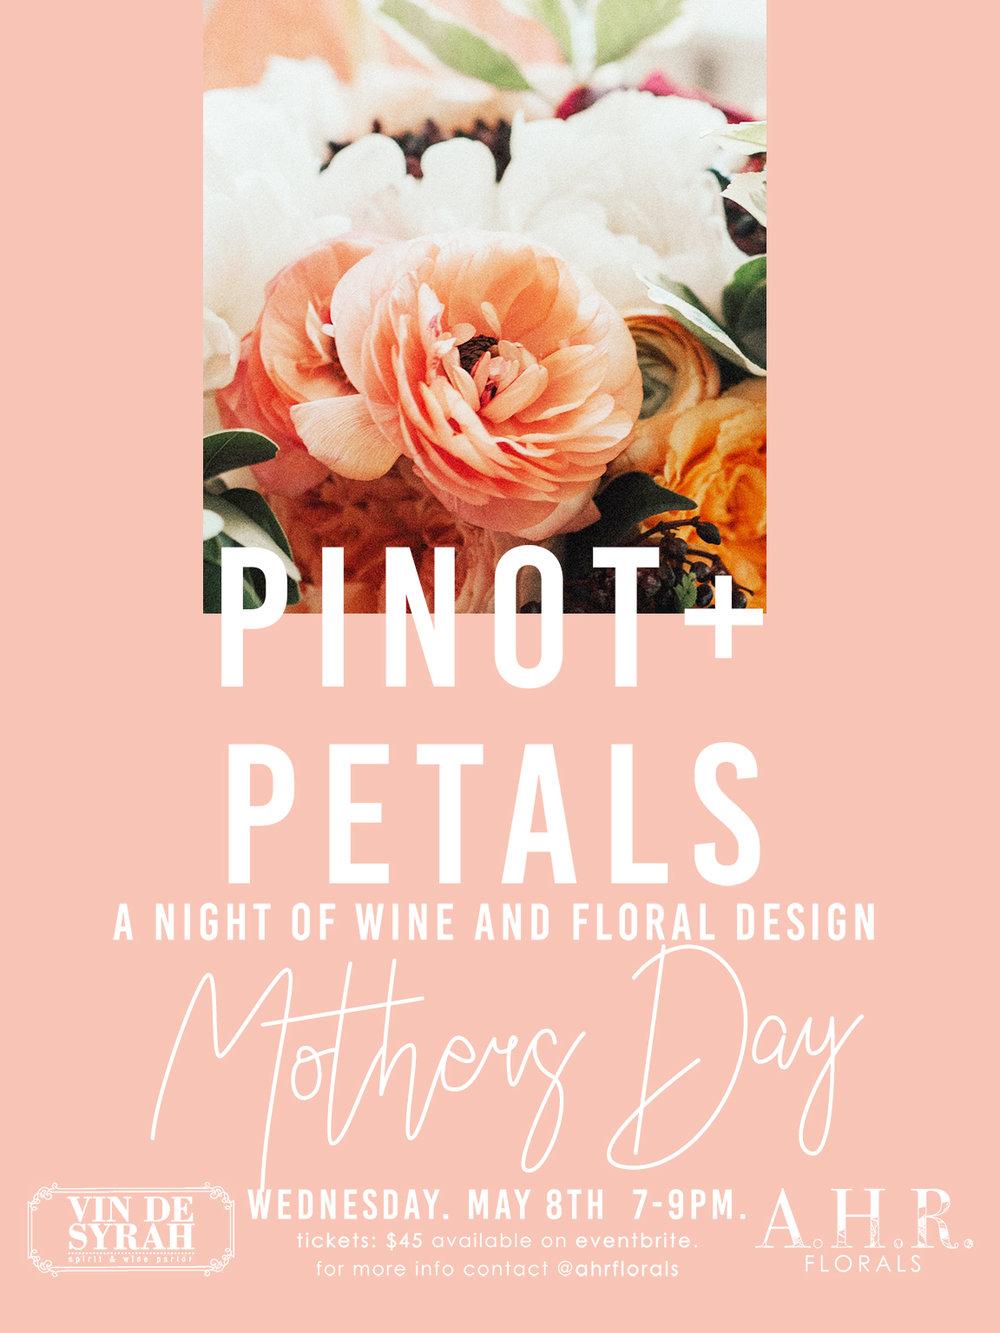 PINOT and Petals AHr Florals.jpg